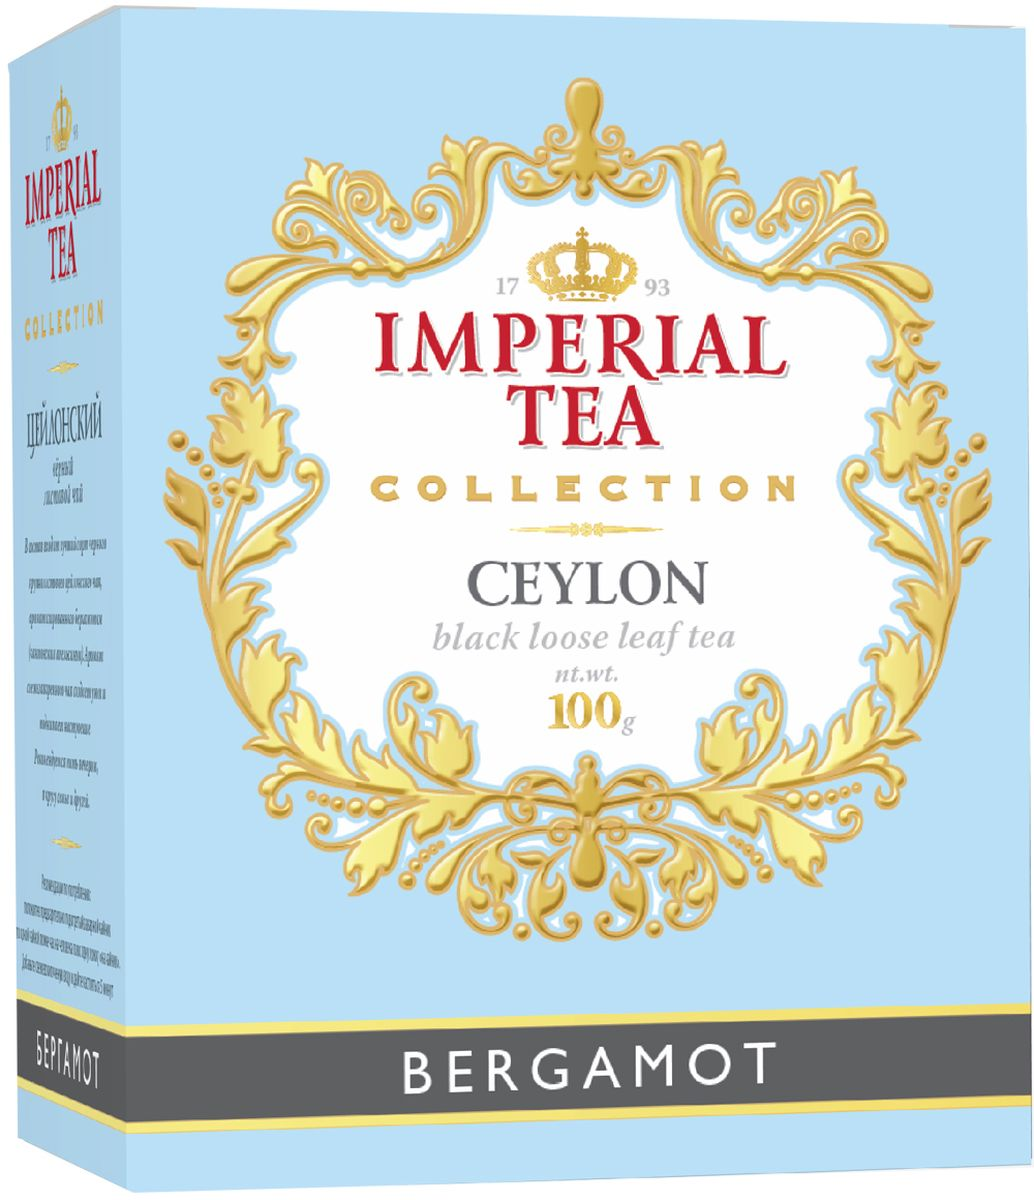 Императорский чай Collection Бергамот, 100 г стоимость